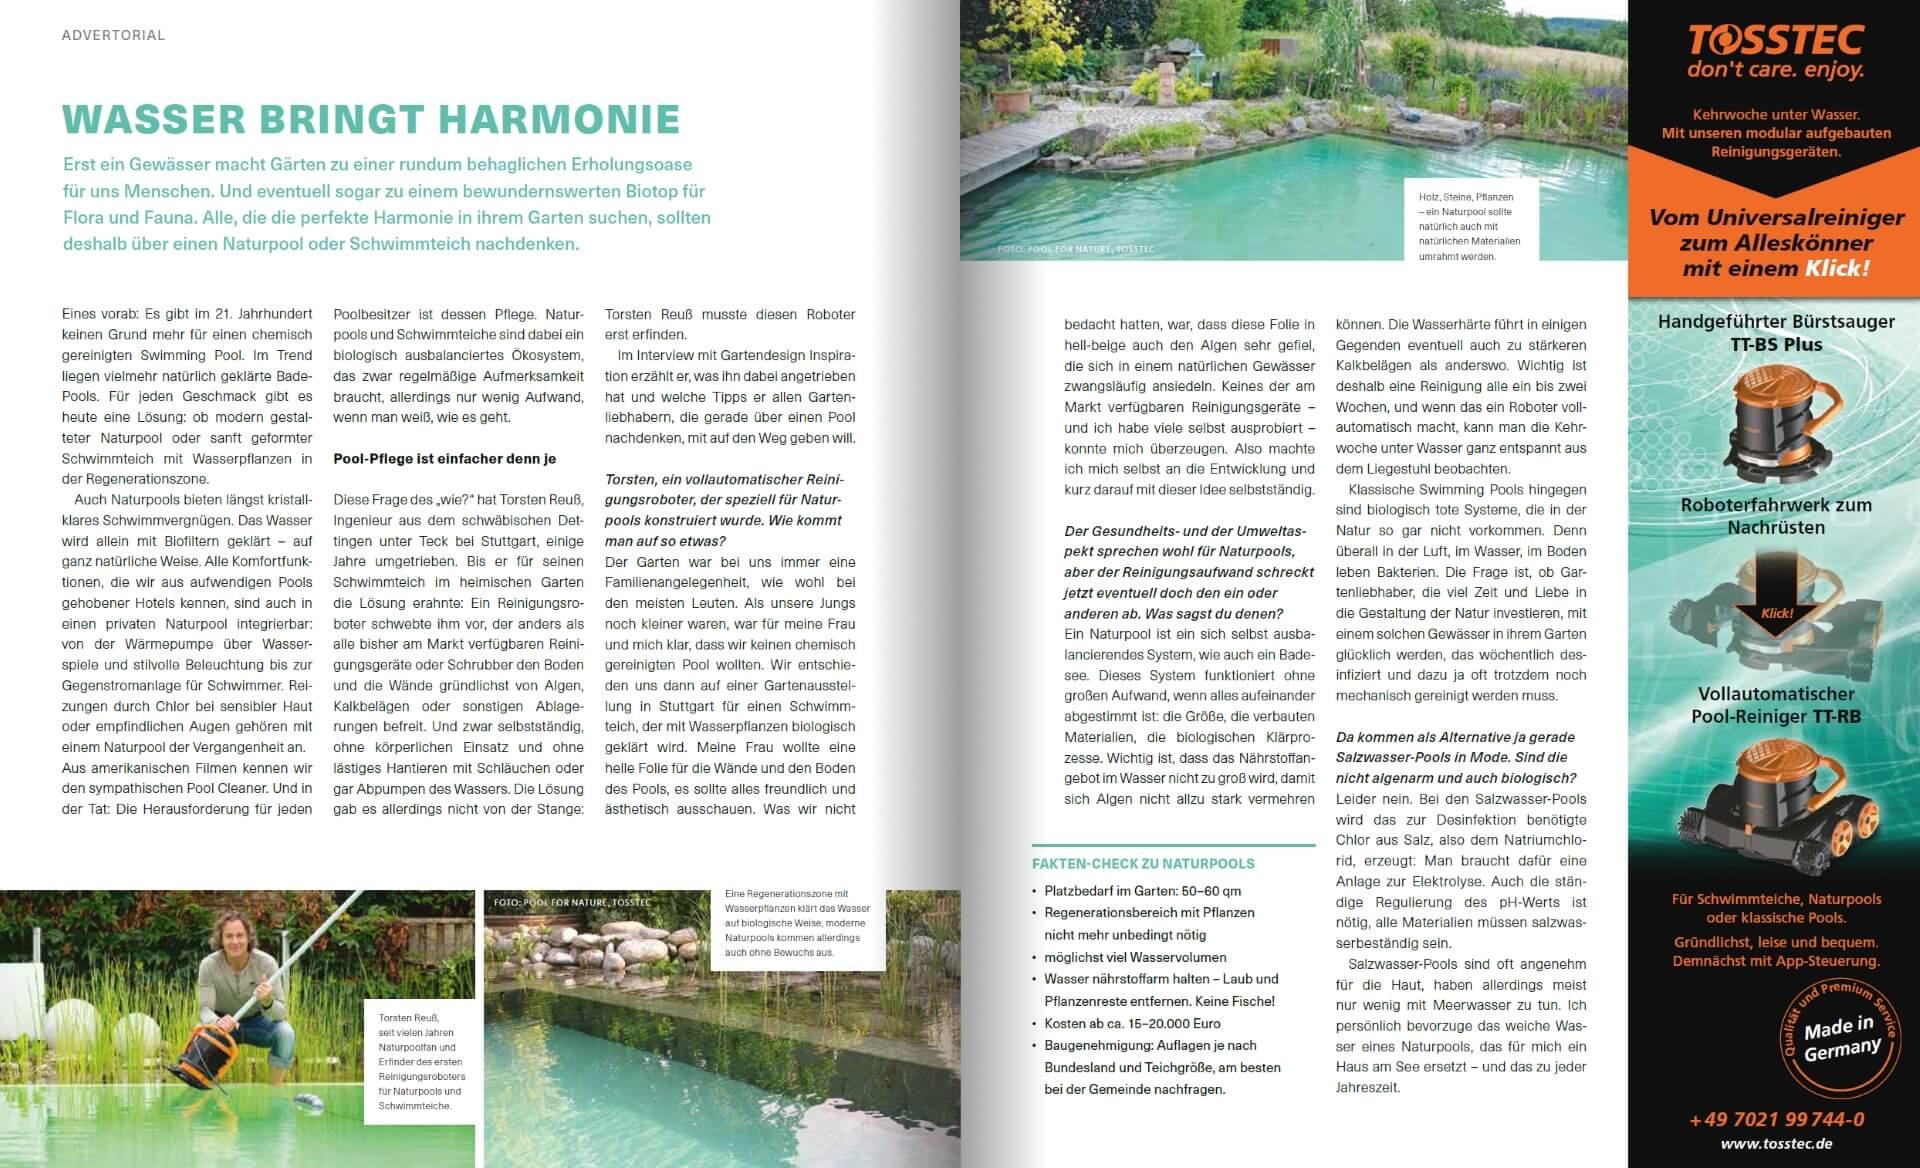 GARTENDESIGN INSPIRATION Ausgabe 3/2018: Tosstec - Wasser bringt Harmonie